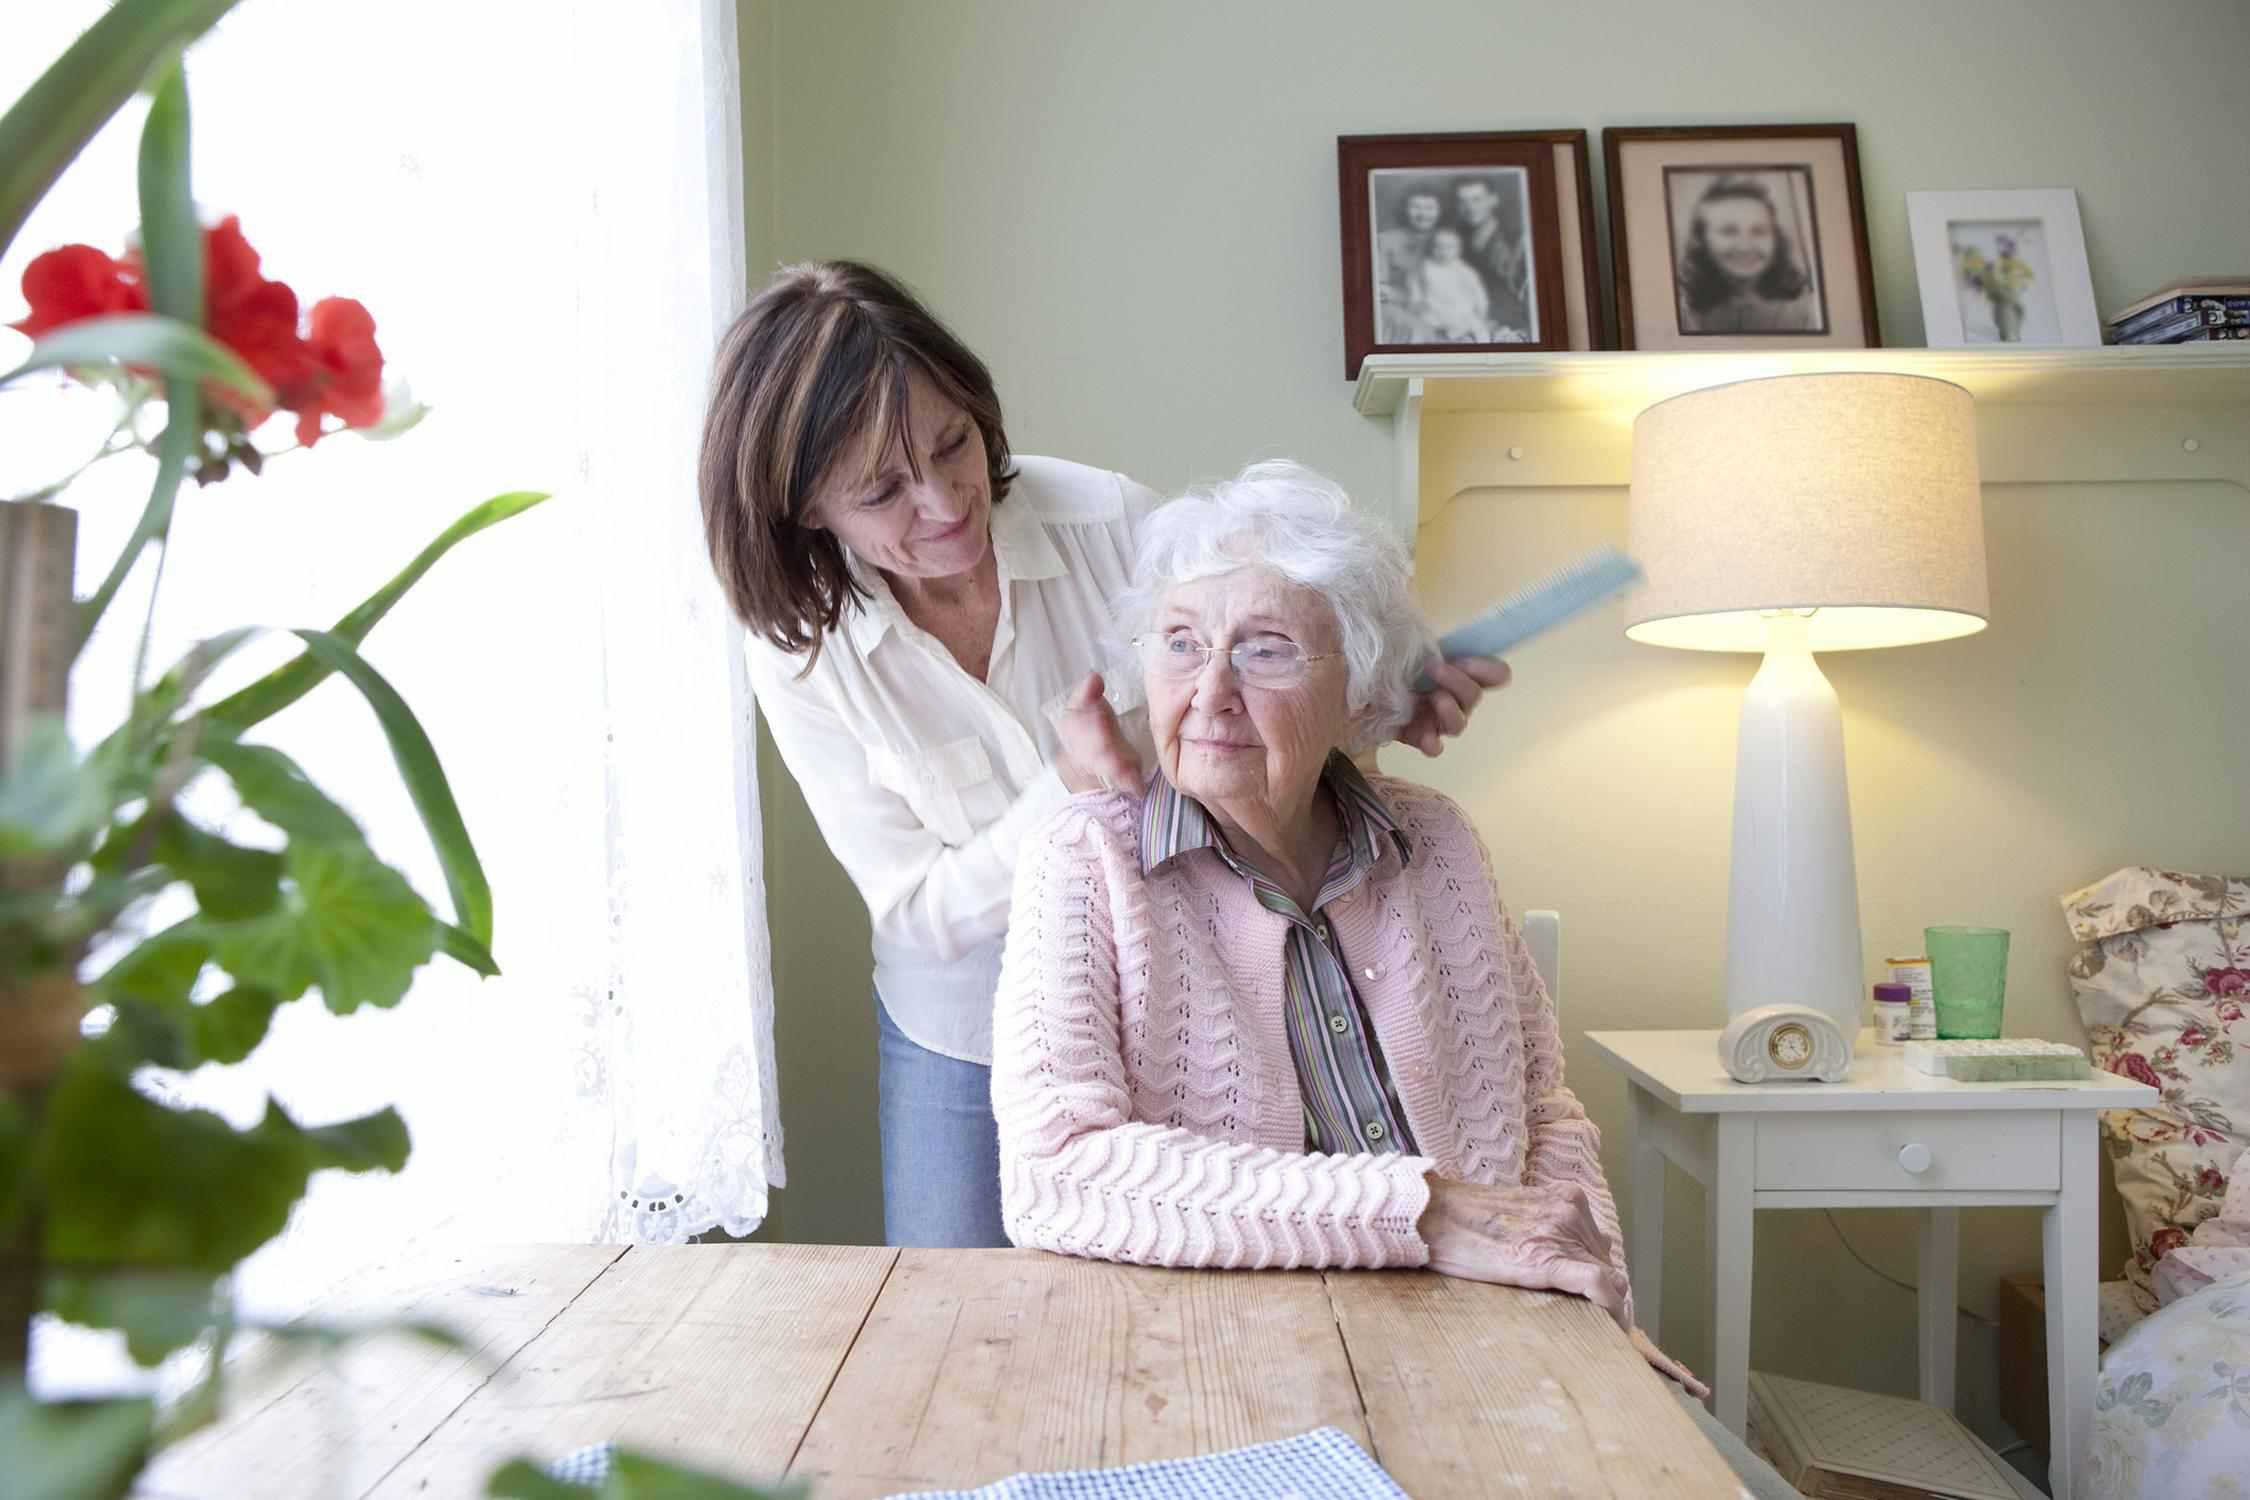 Ein Bild von einer Frau von ihrer Mutter kümmert